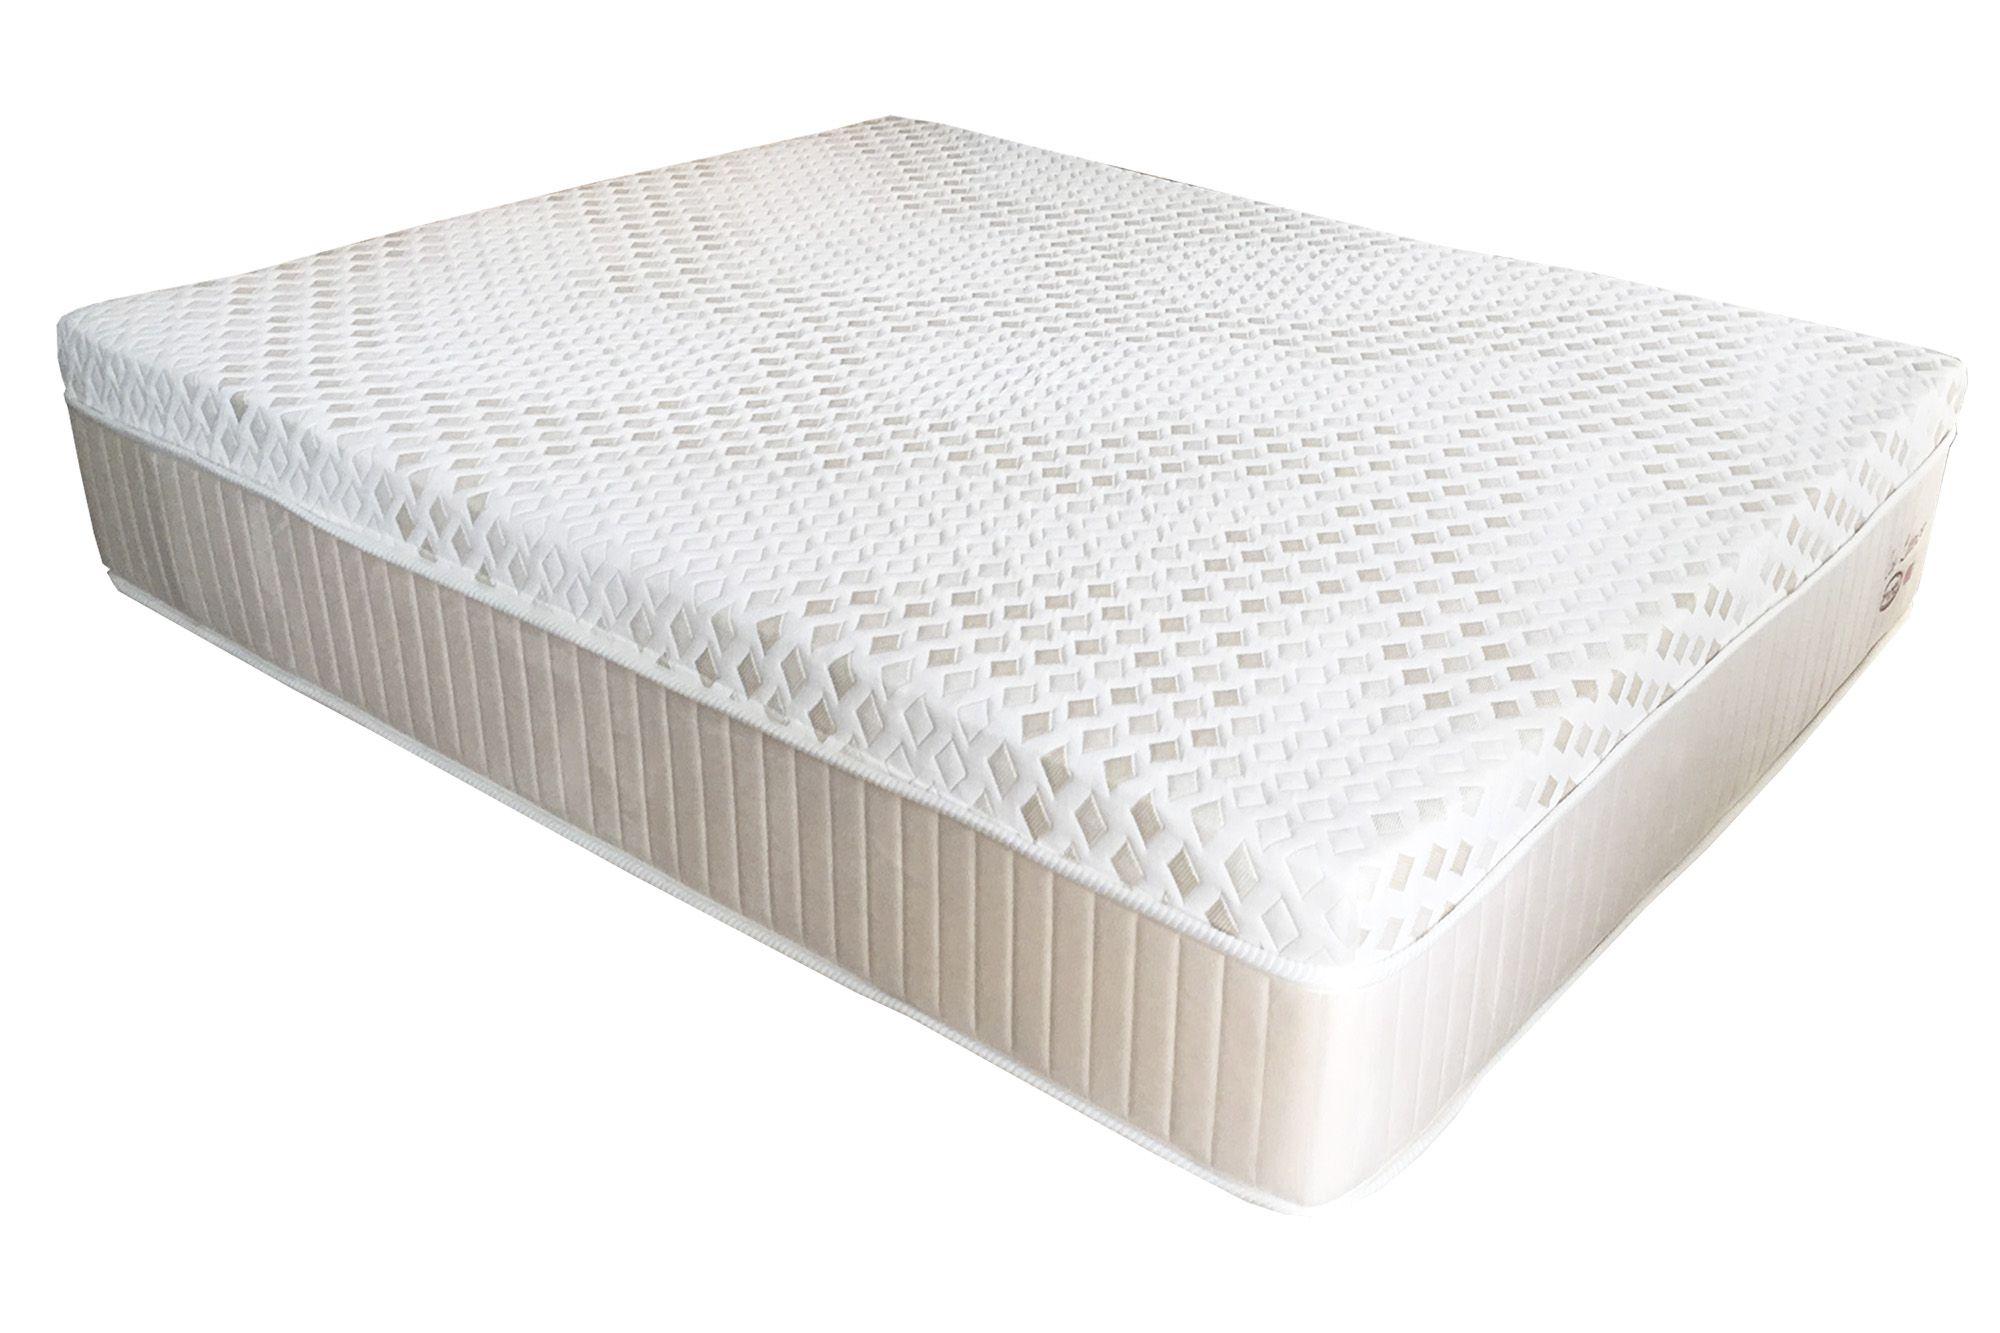 Colchão de Látex Englander Eco Látex Queen Size 1,58 x 1,98 com 30 cm de altura e conforto firme